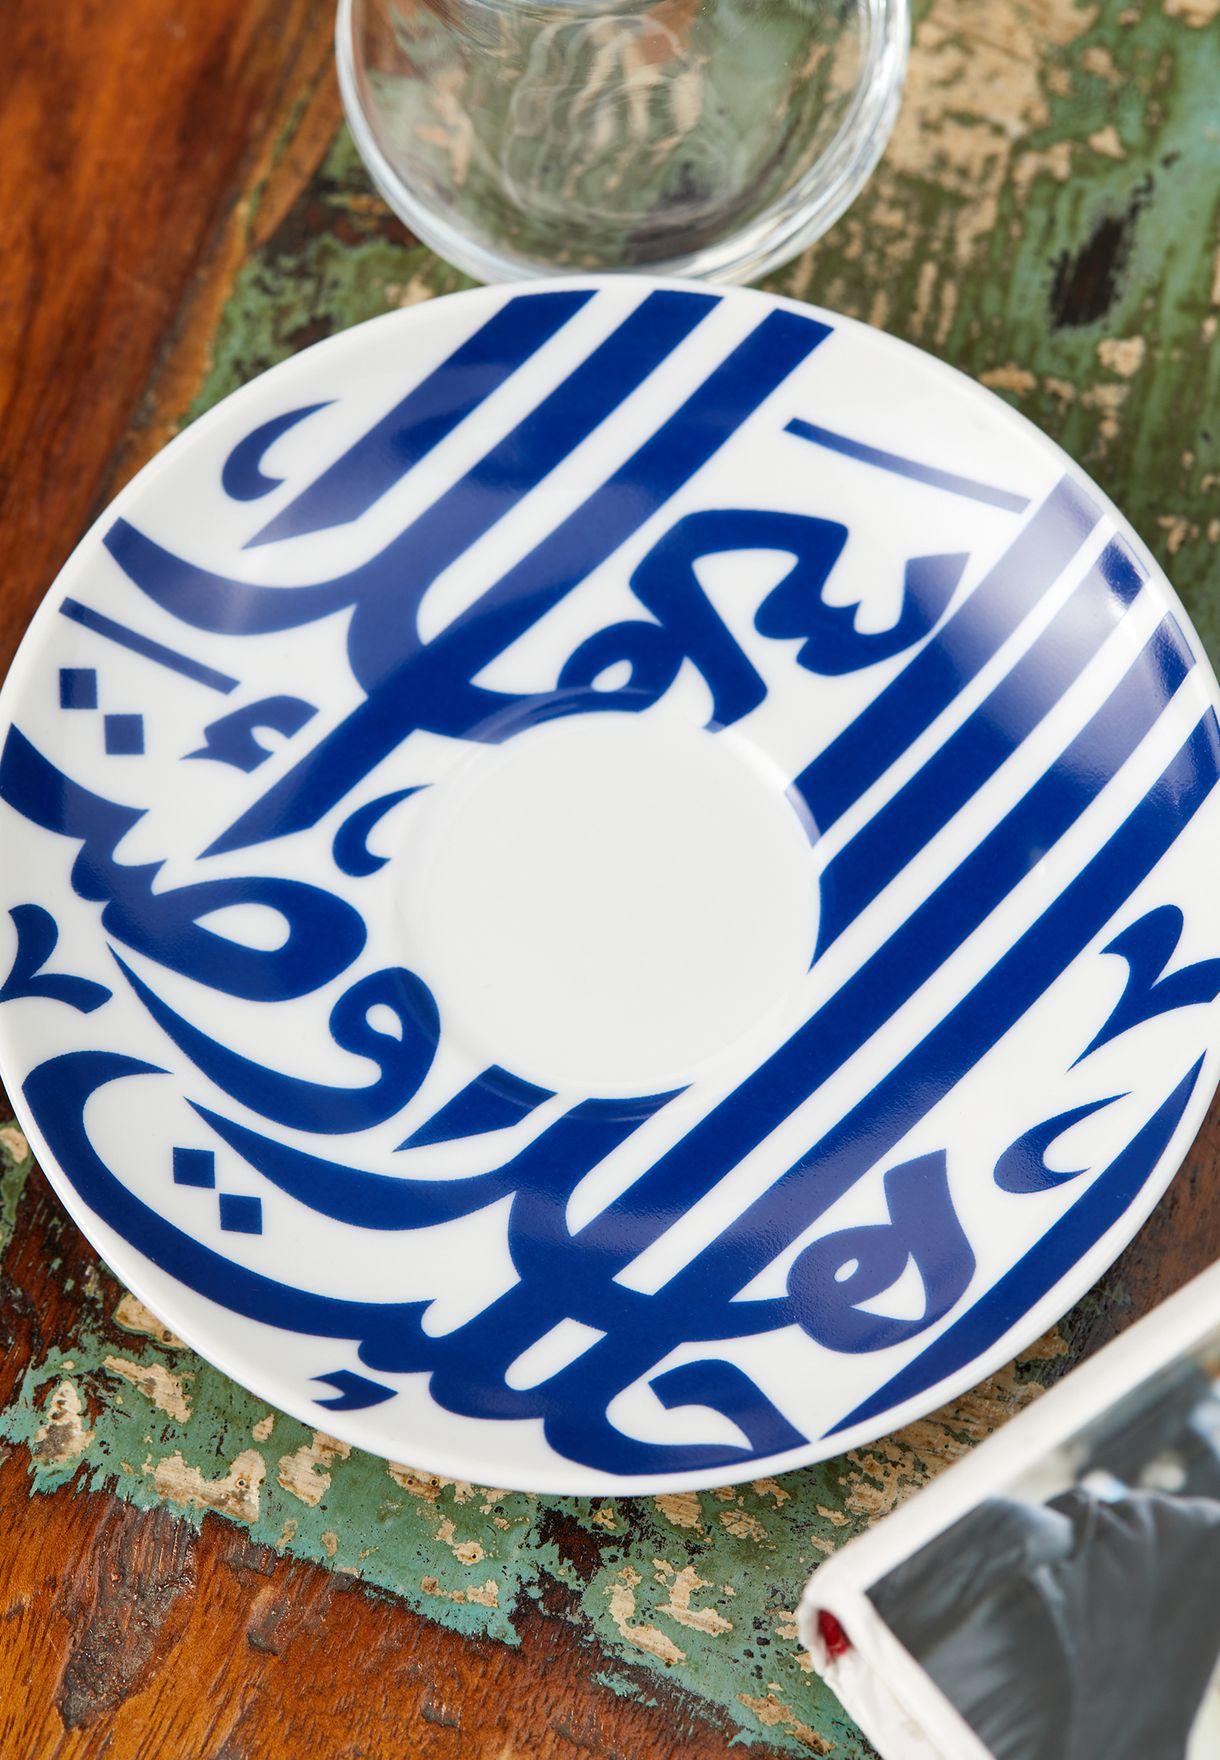 فنجان شاي مع صحن بكتابة عربية